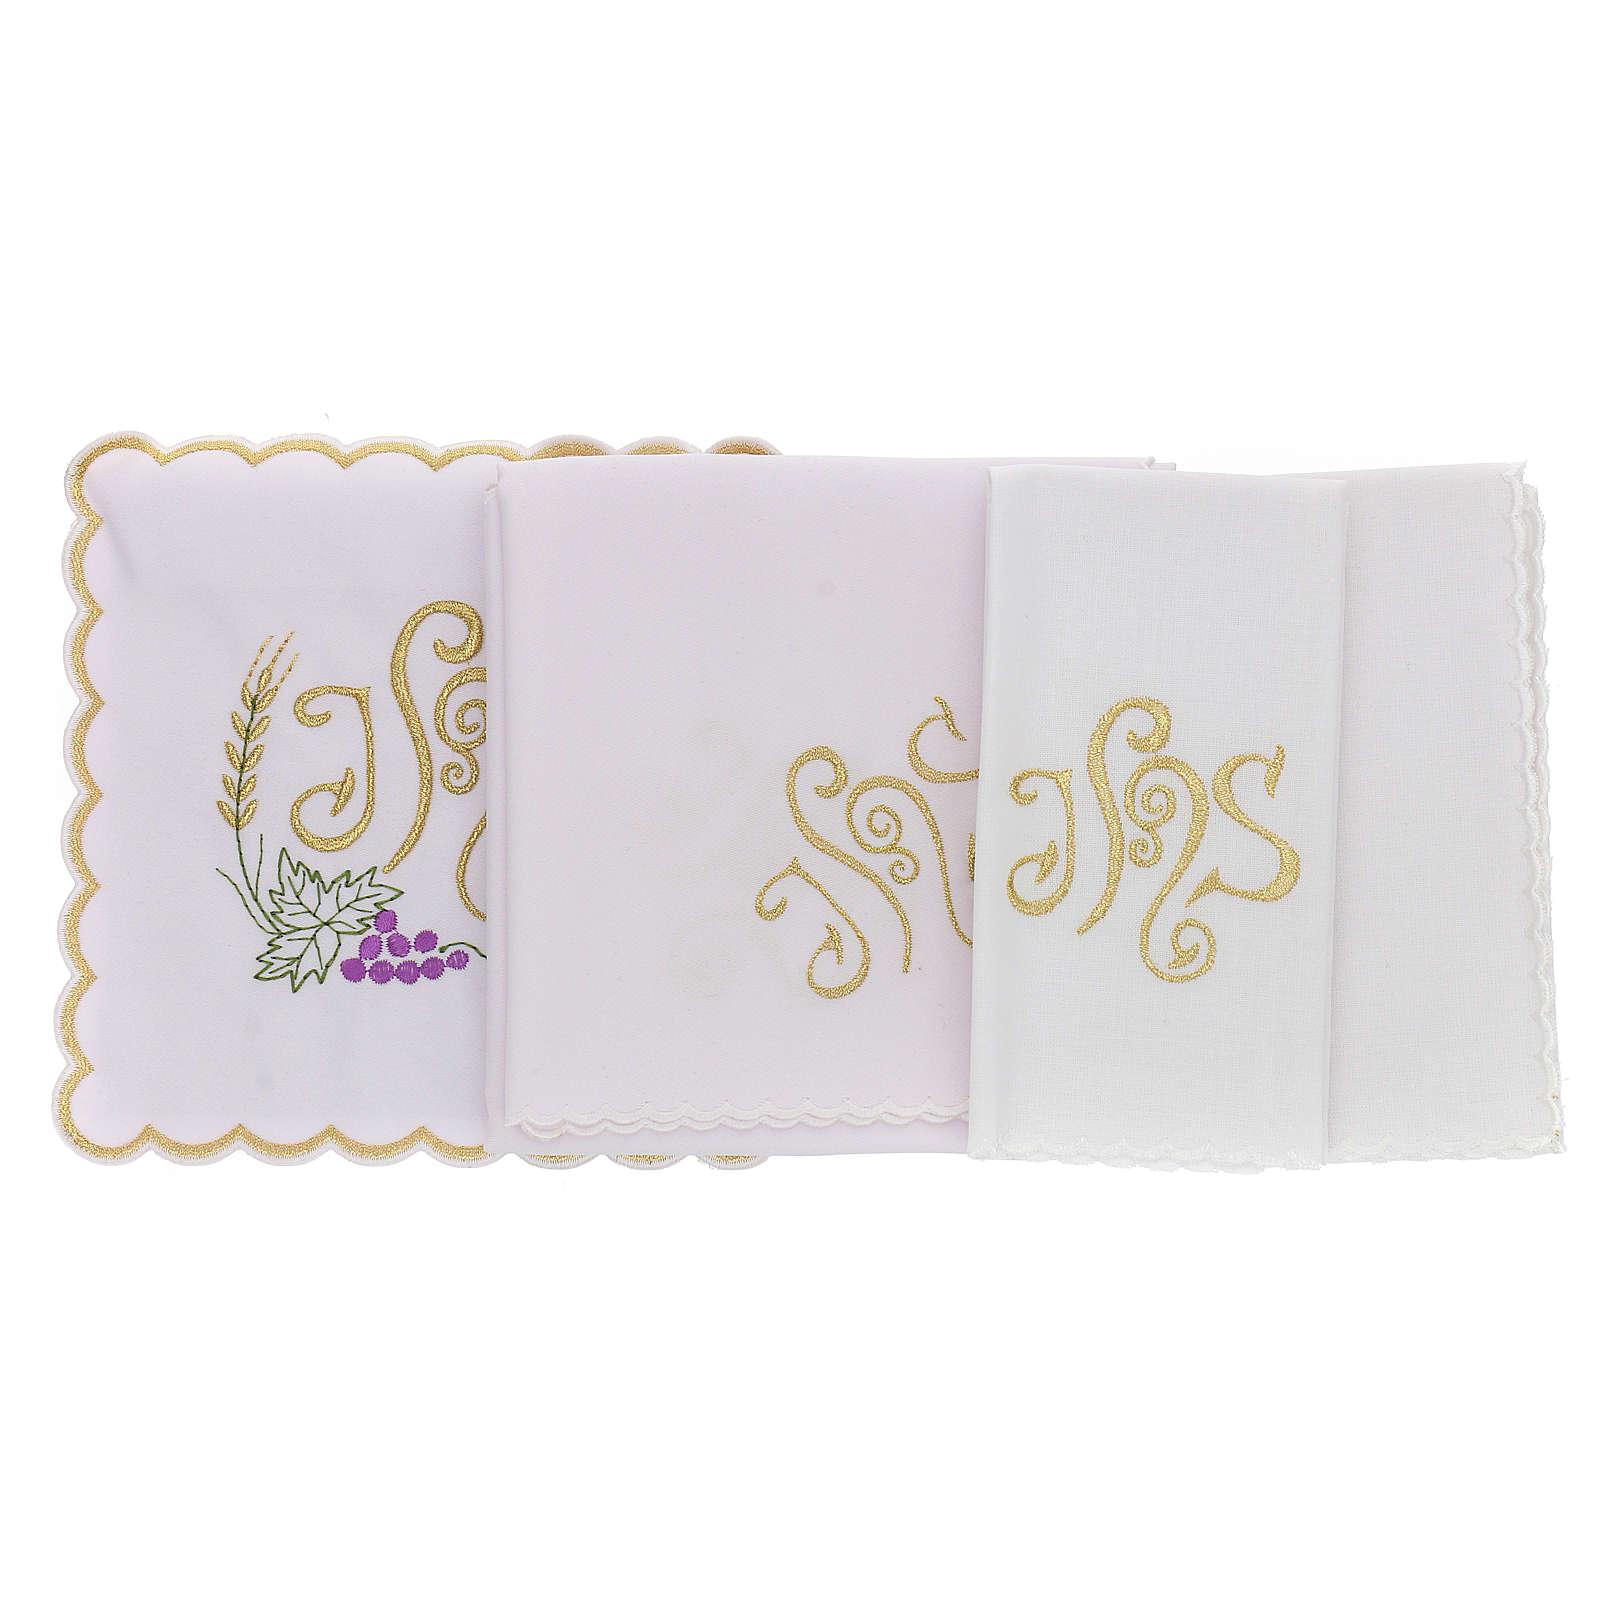 Bielizna kielichowa bawełna kłos liść winogrona symbol JHS 4